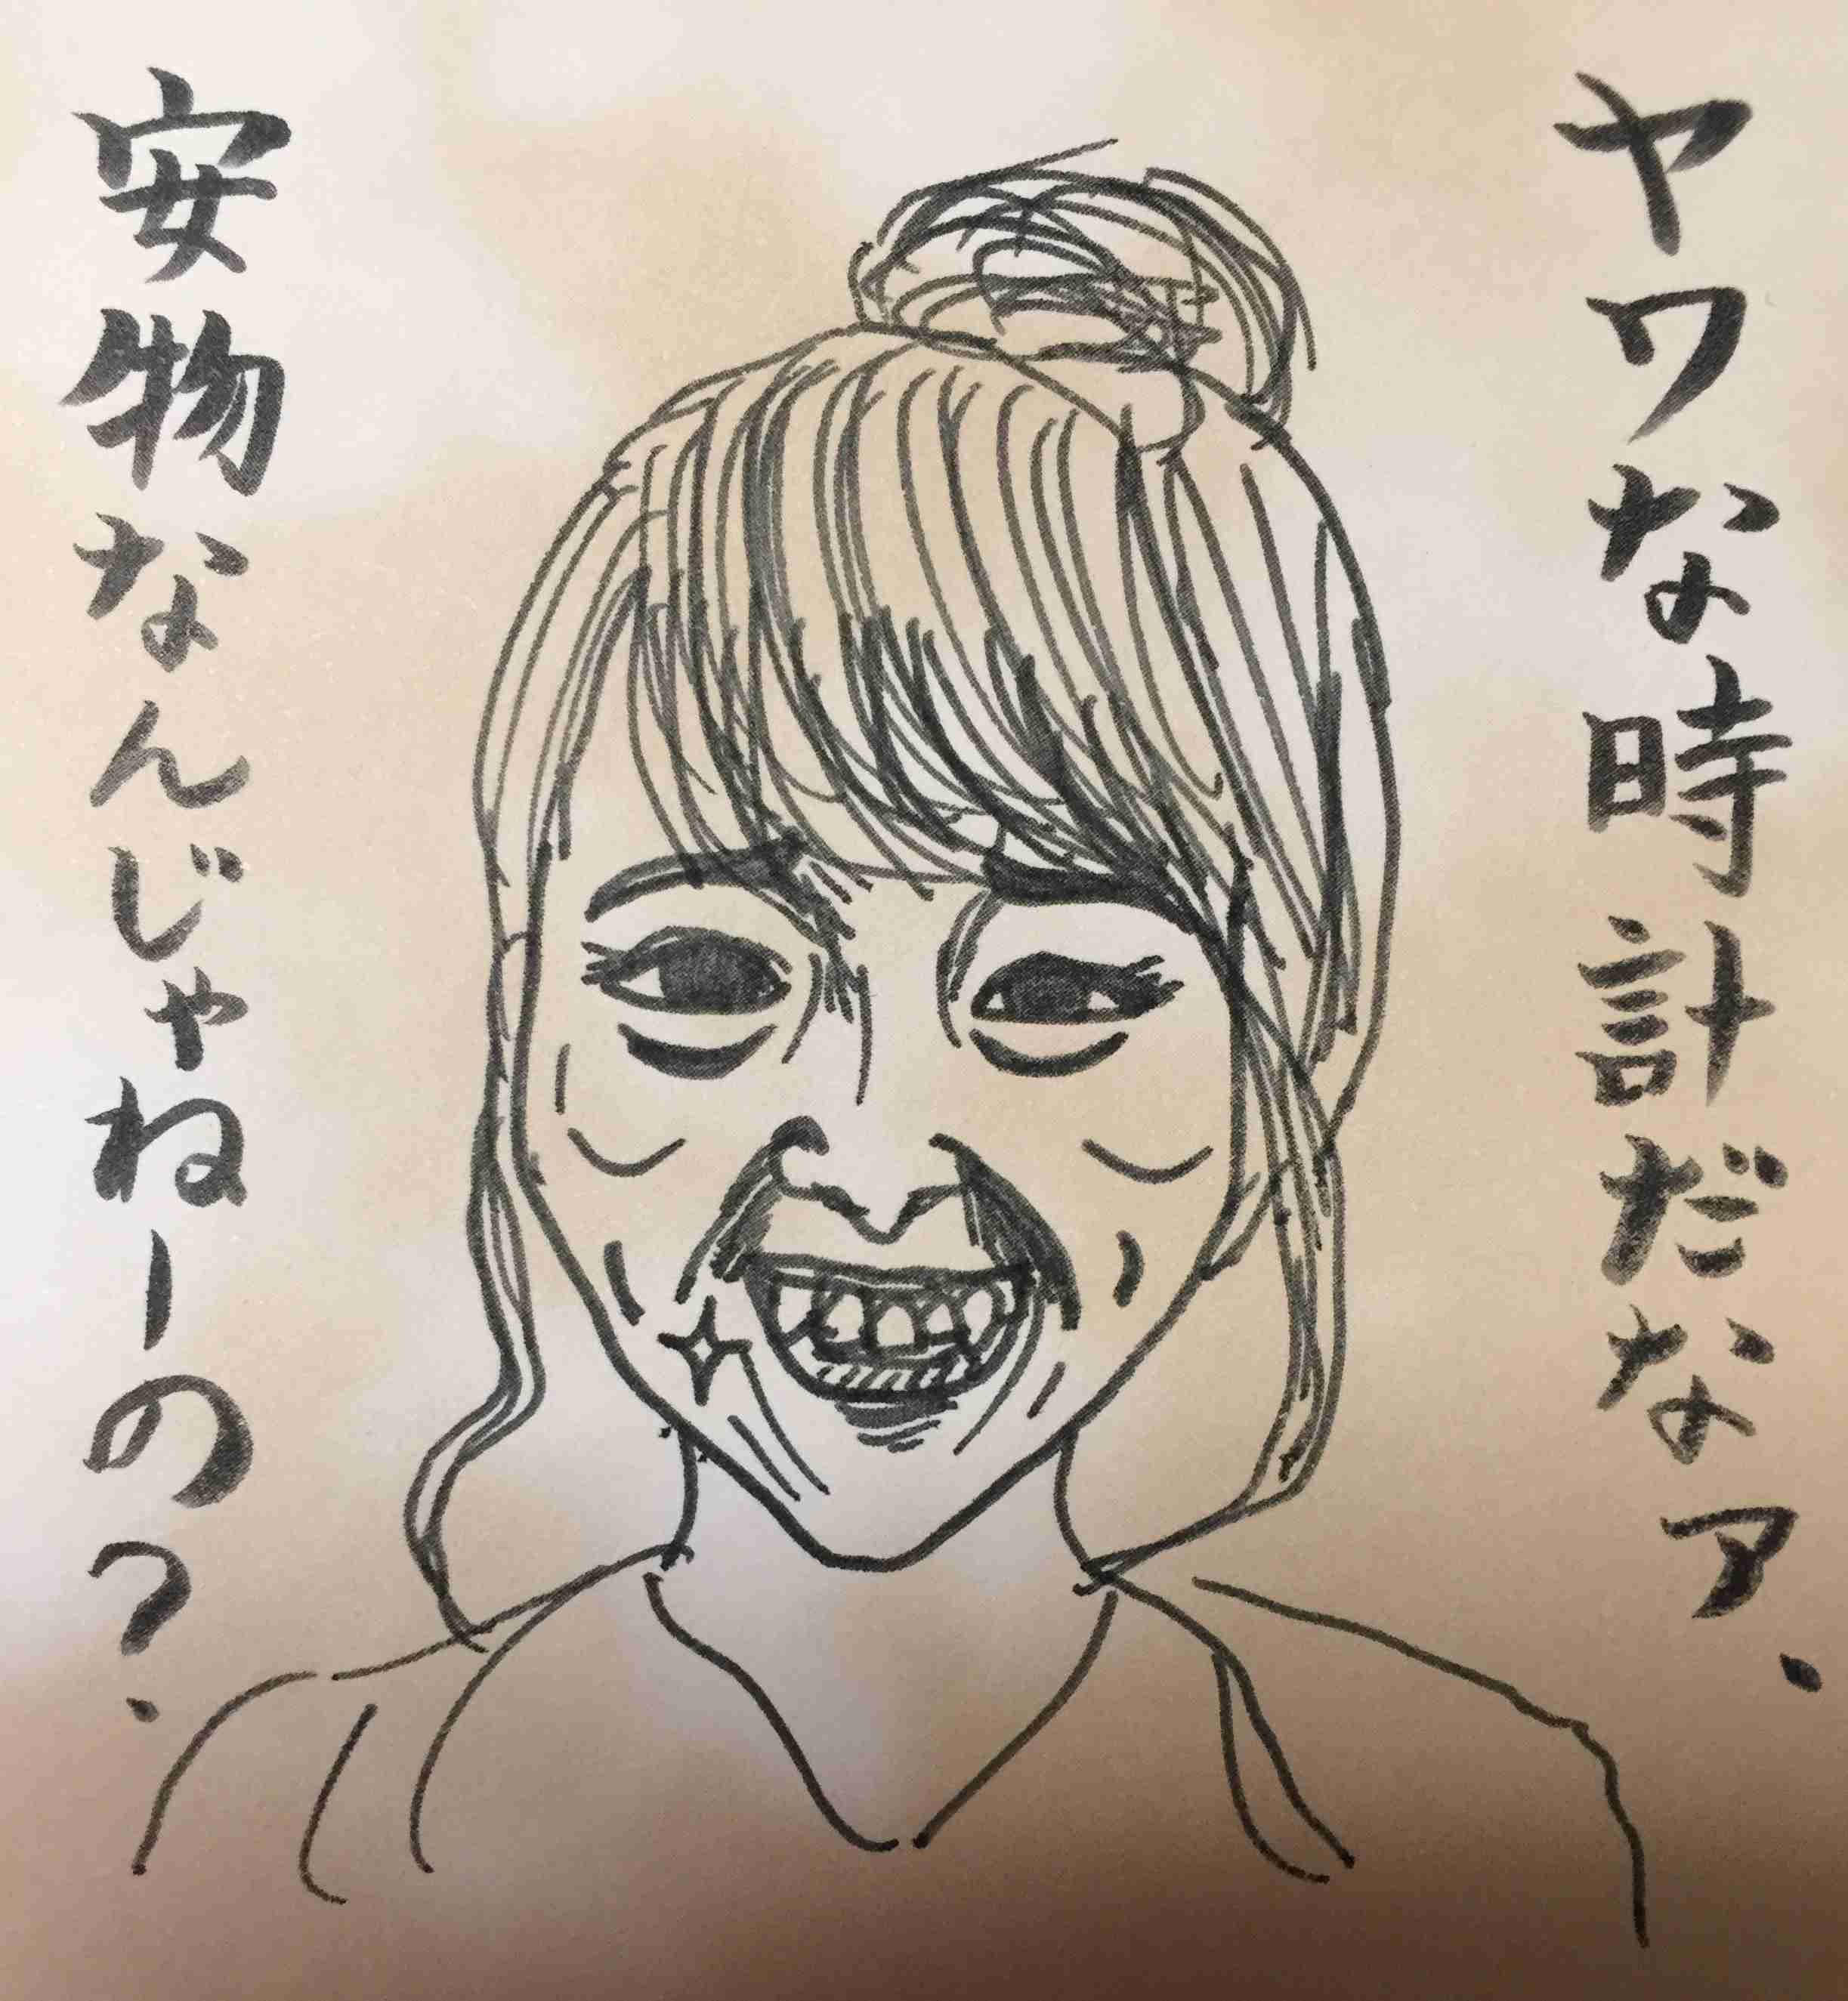 30日間人間を描き続けるトピpart4【絵トピ】